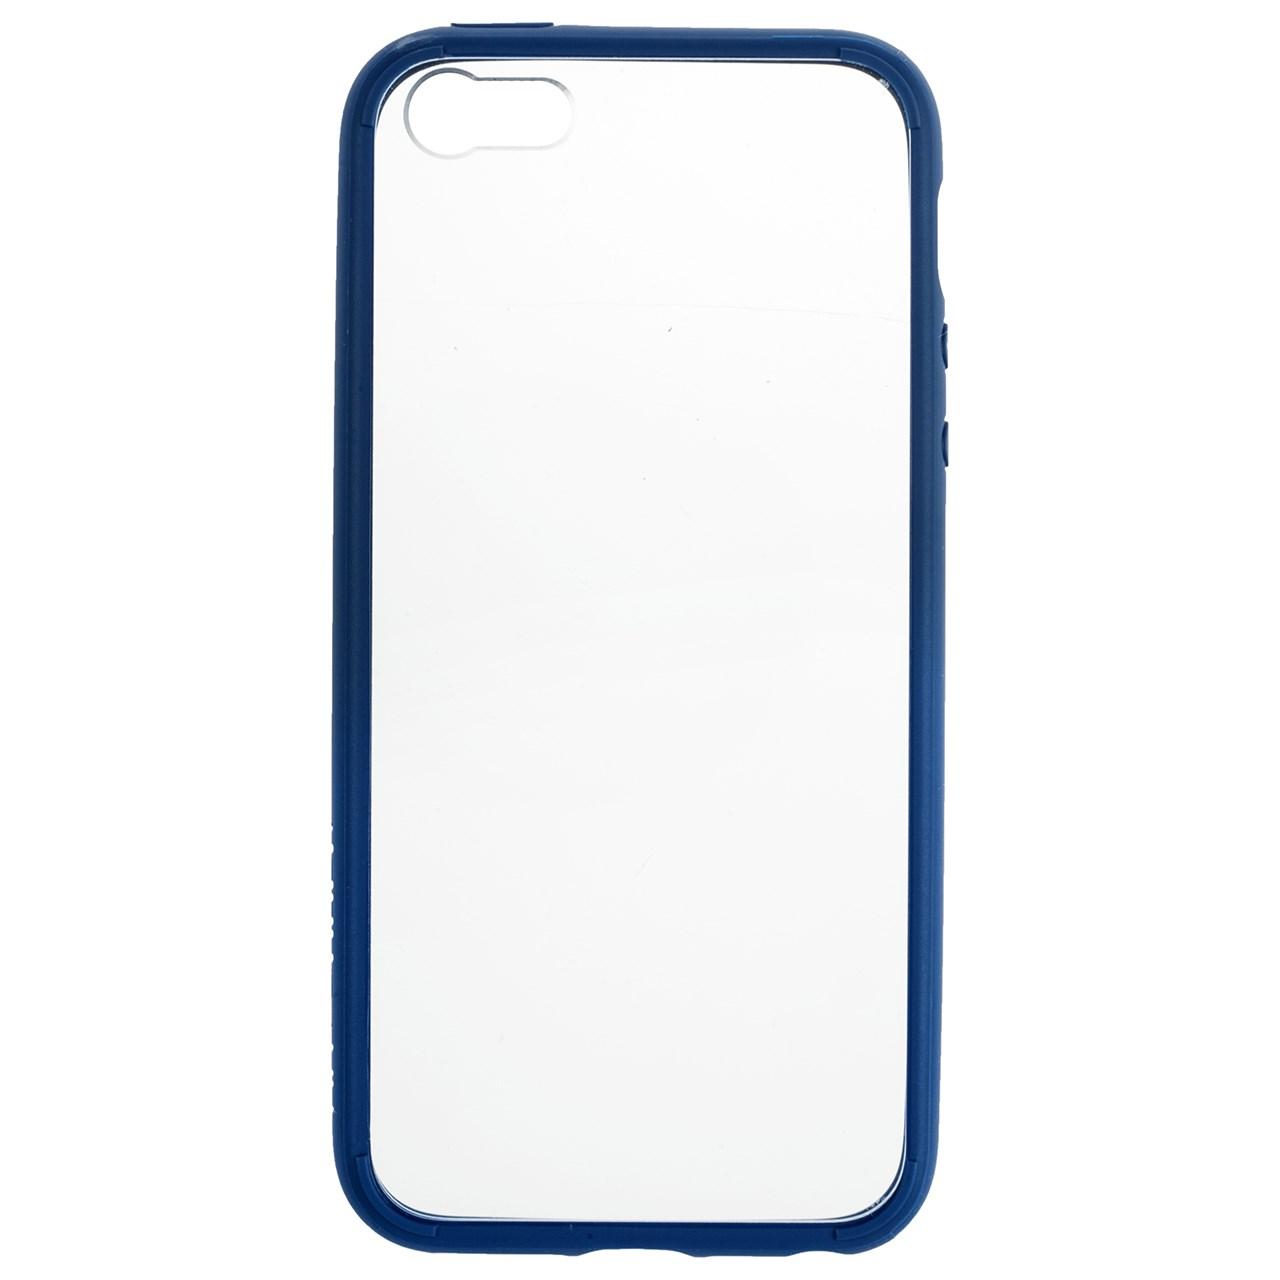 کاور انی شوک مدل Air Cushion مناسب برای گوشی موبایل آیفون 5/5s/SE              ( قیمت و خرید)